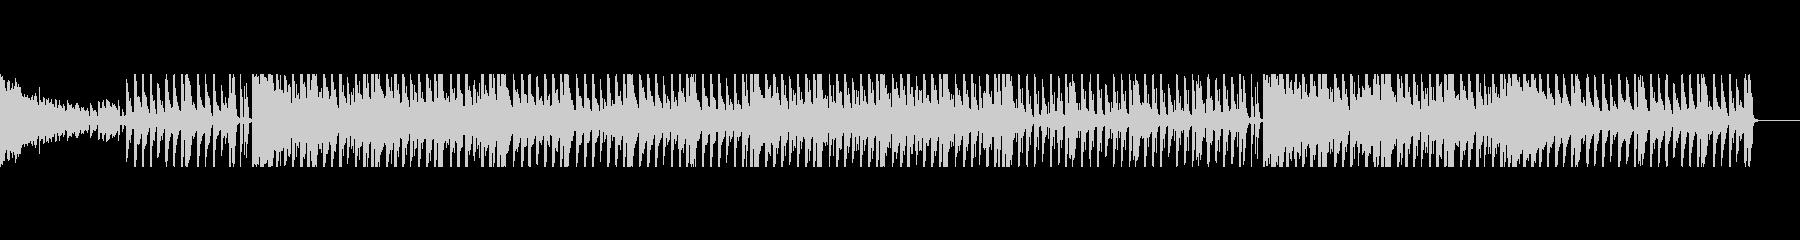 【パターン2】明るく元気なテクノポップの未再生の波形